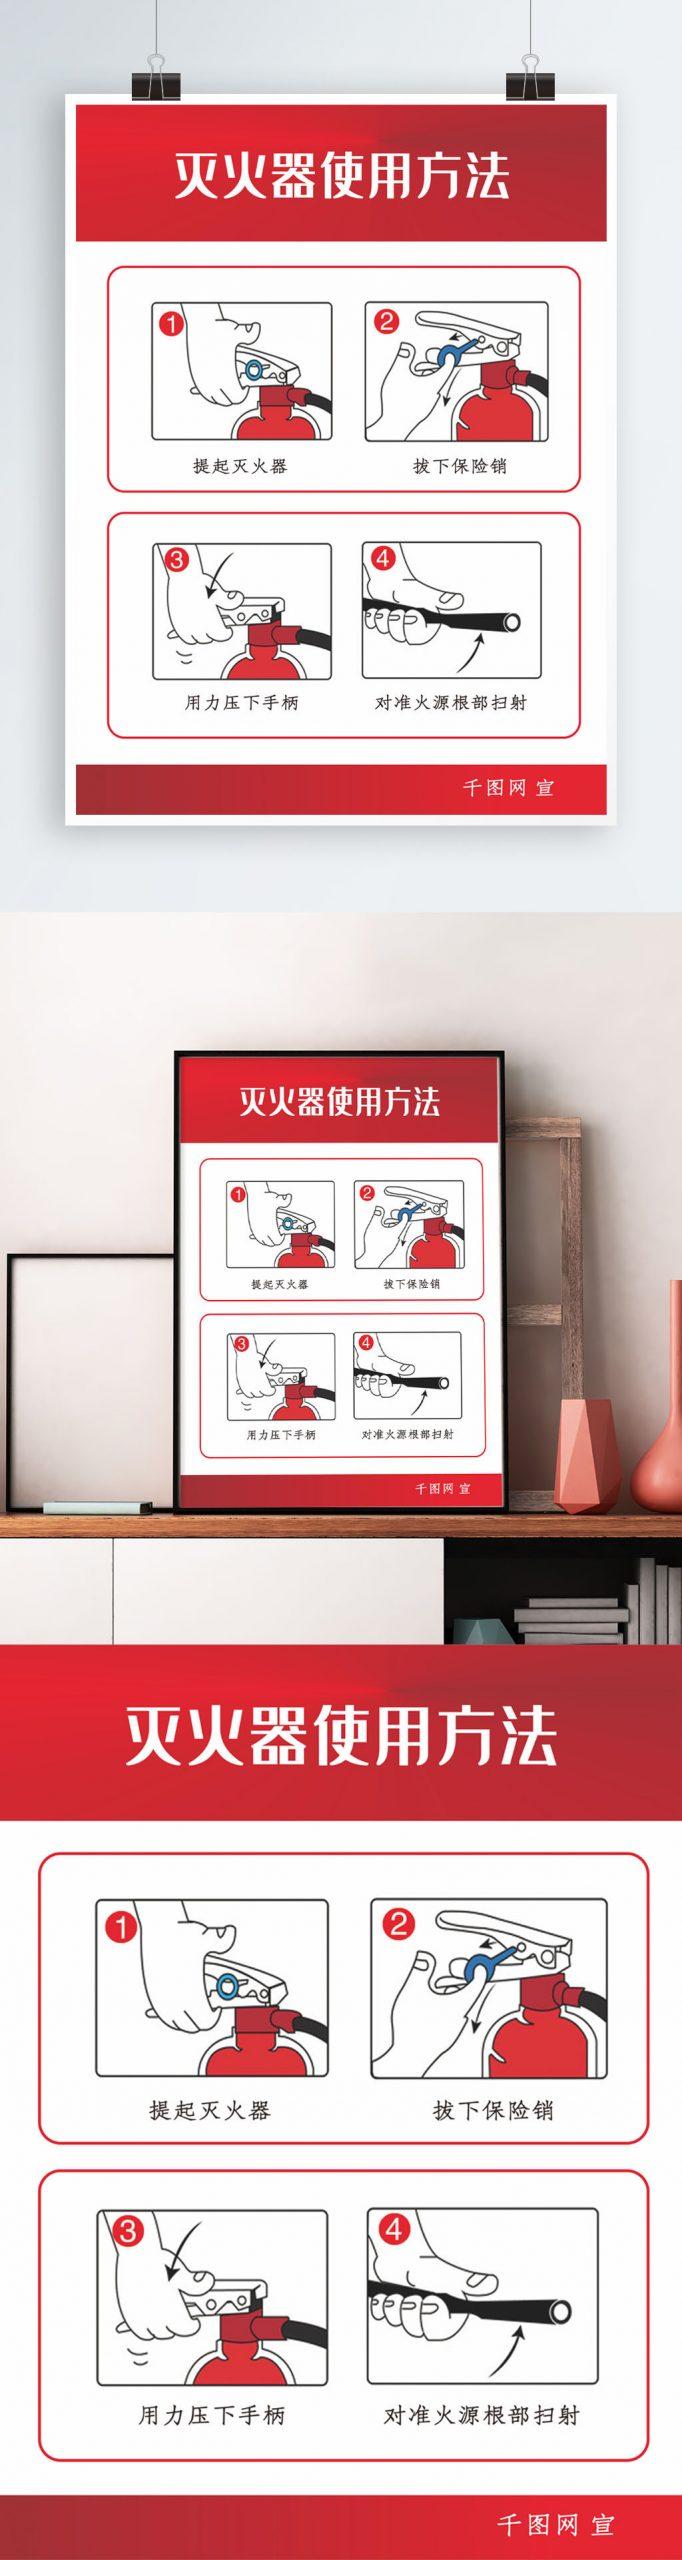 灭火器使用方法矢量简约海报源文件插图